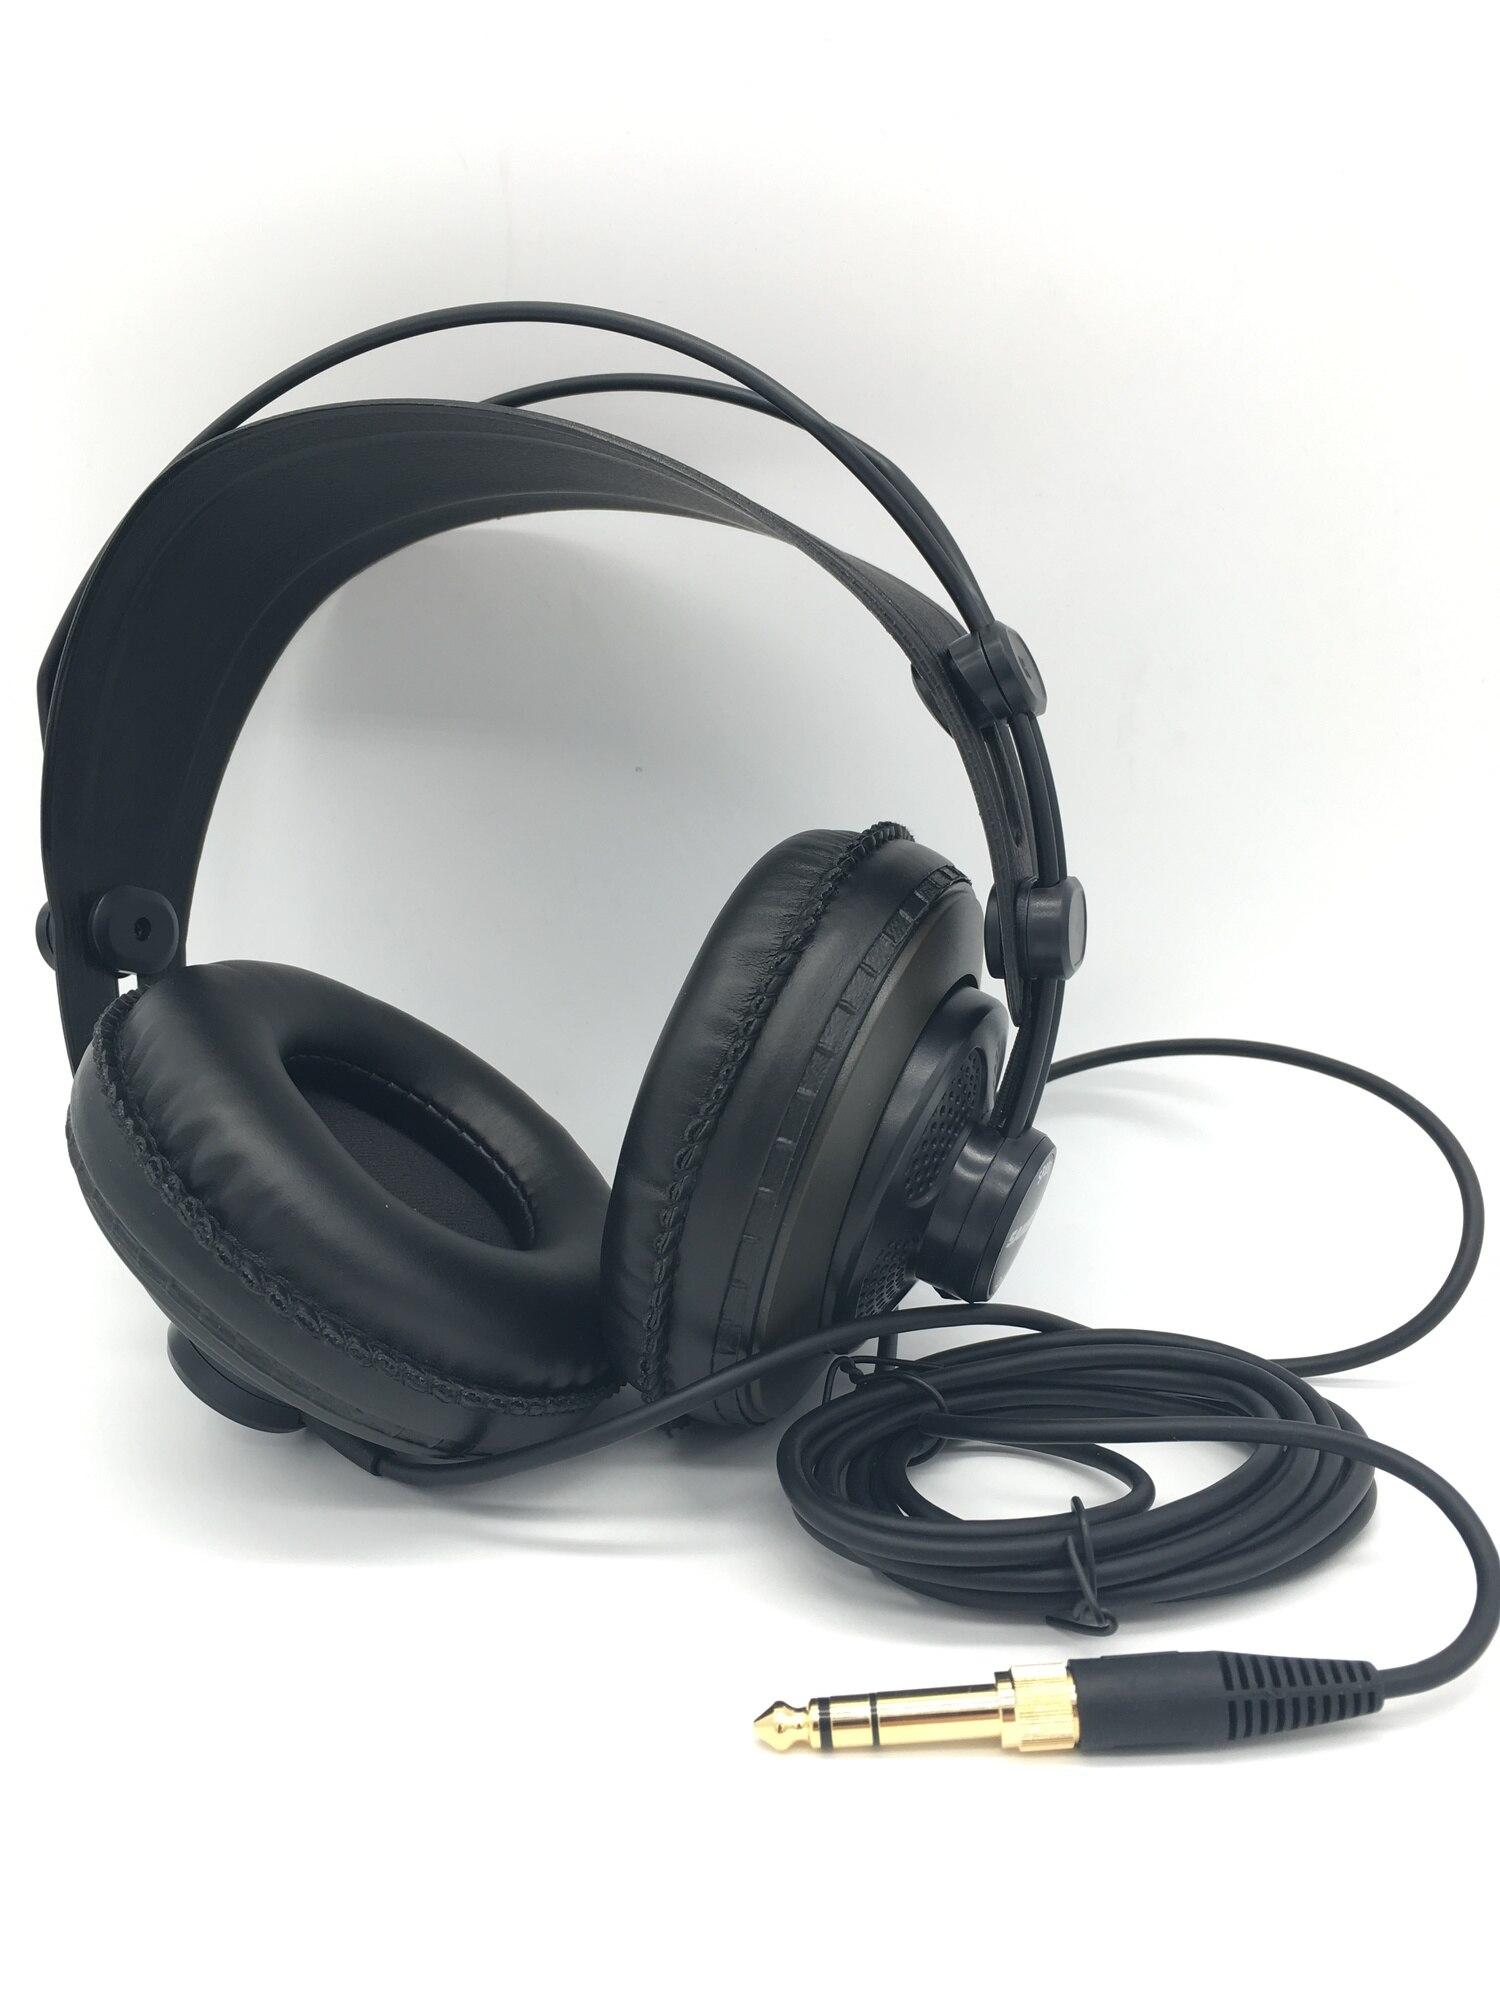 سماعة ستوديو شبه مفتوحة ، ديناميكية ، مهنية ، مع سدادات أذن جلدية ، لا تغليف التجزئة